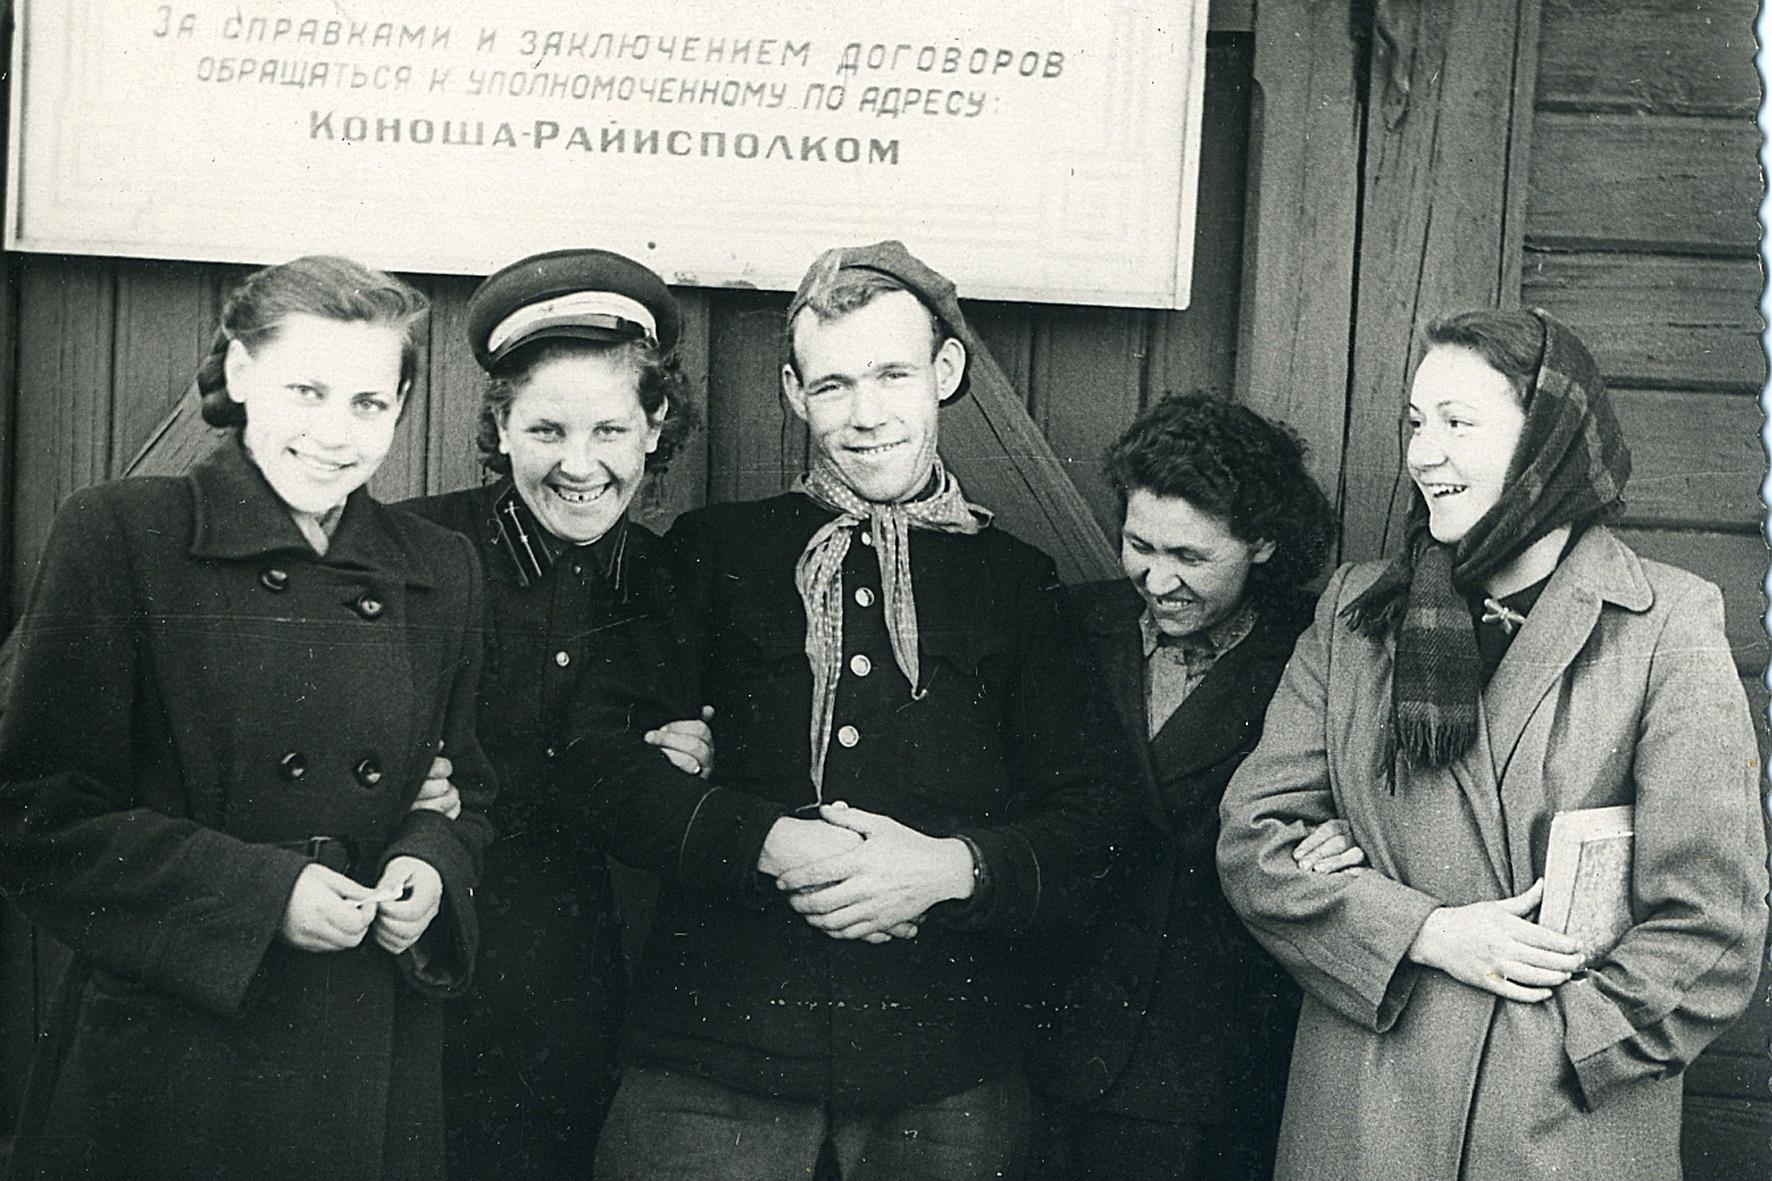 Фото 1950-ых годов, рядом со старым зданием